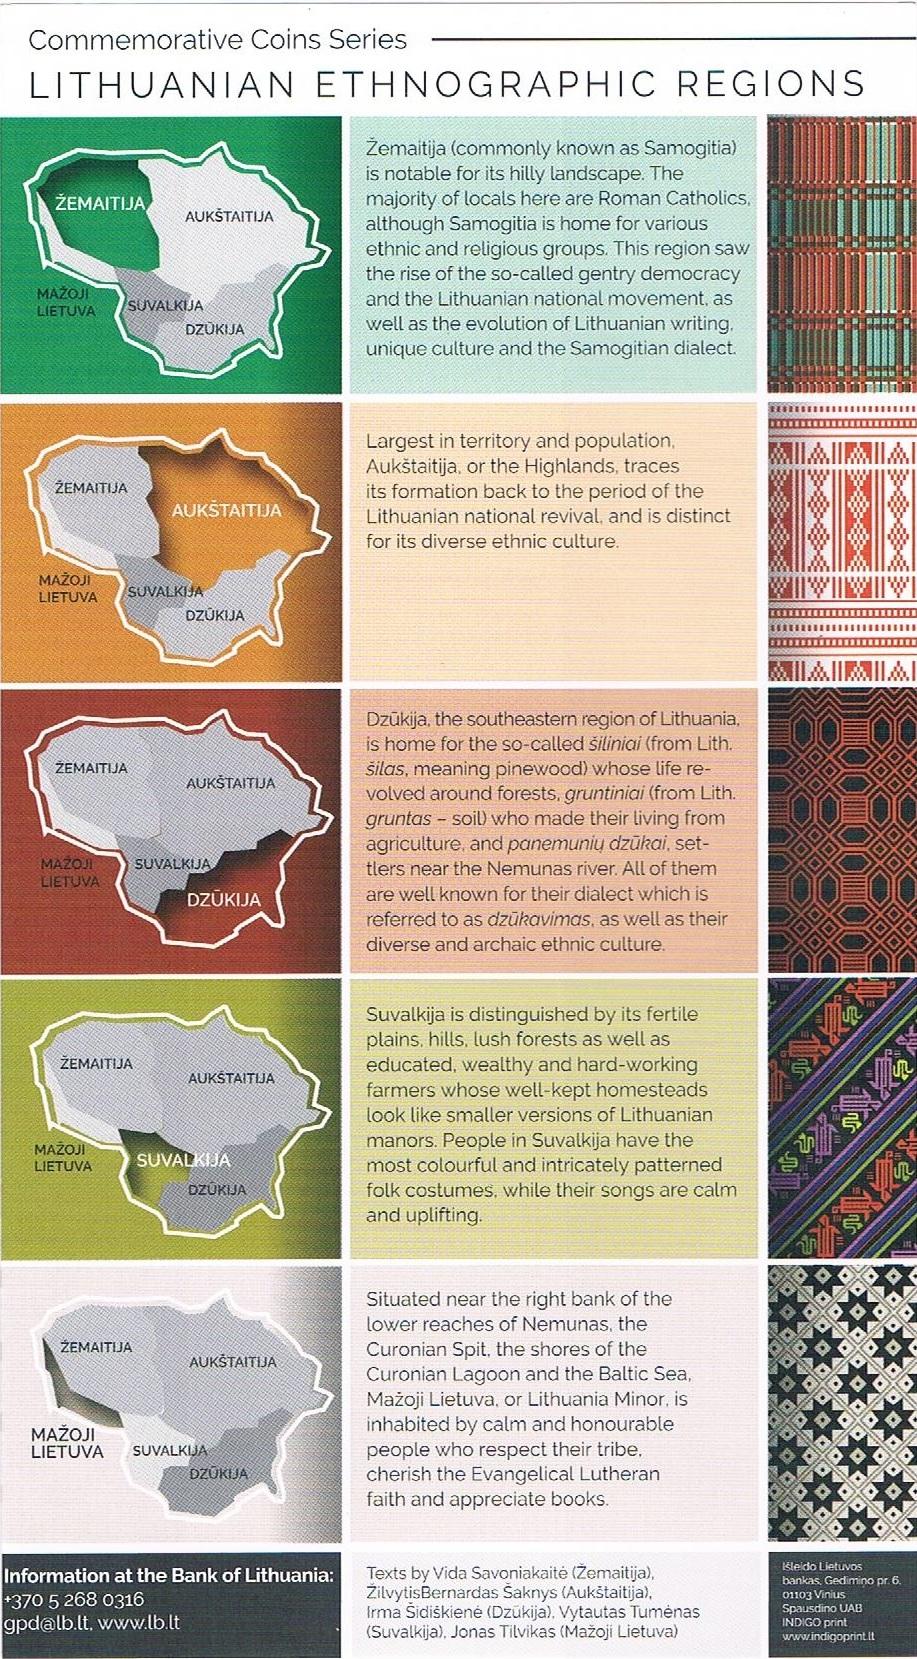 Litauens ethnographische Regionen.jpg